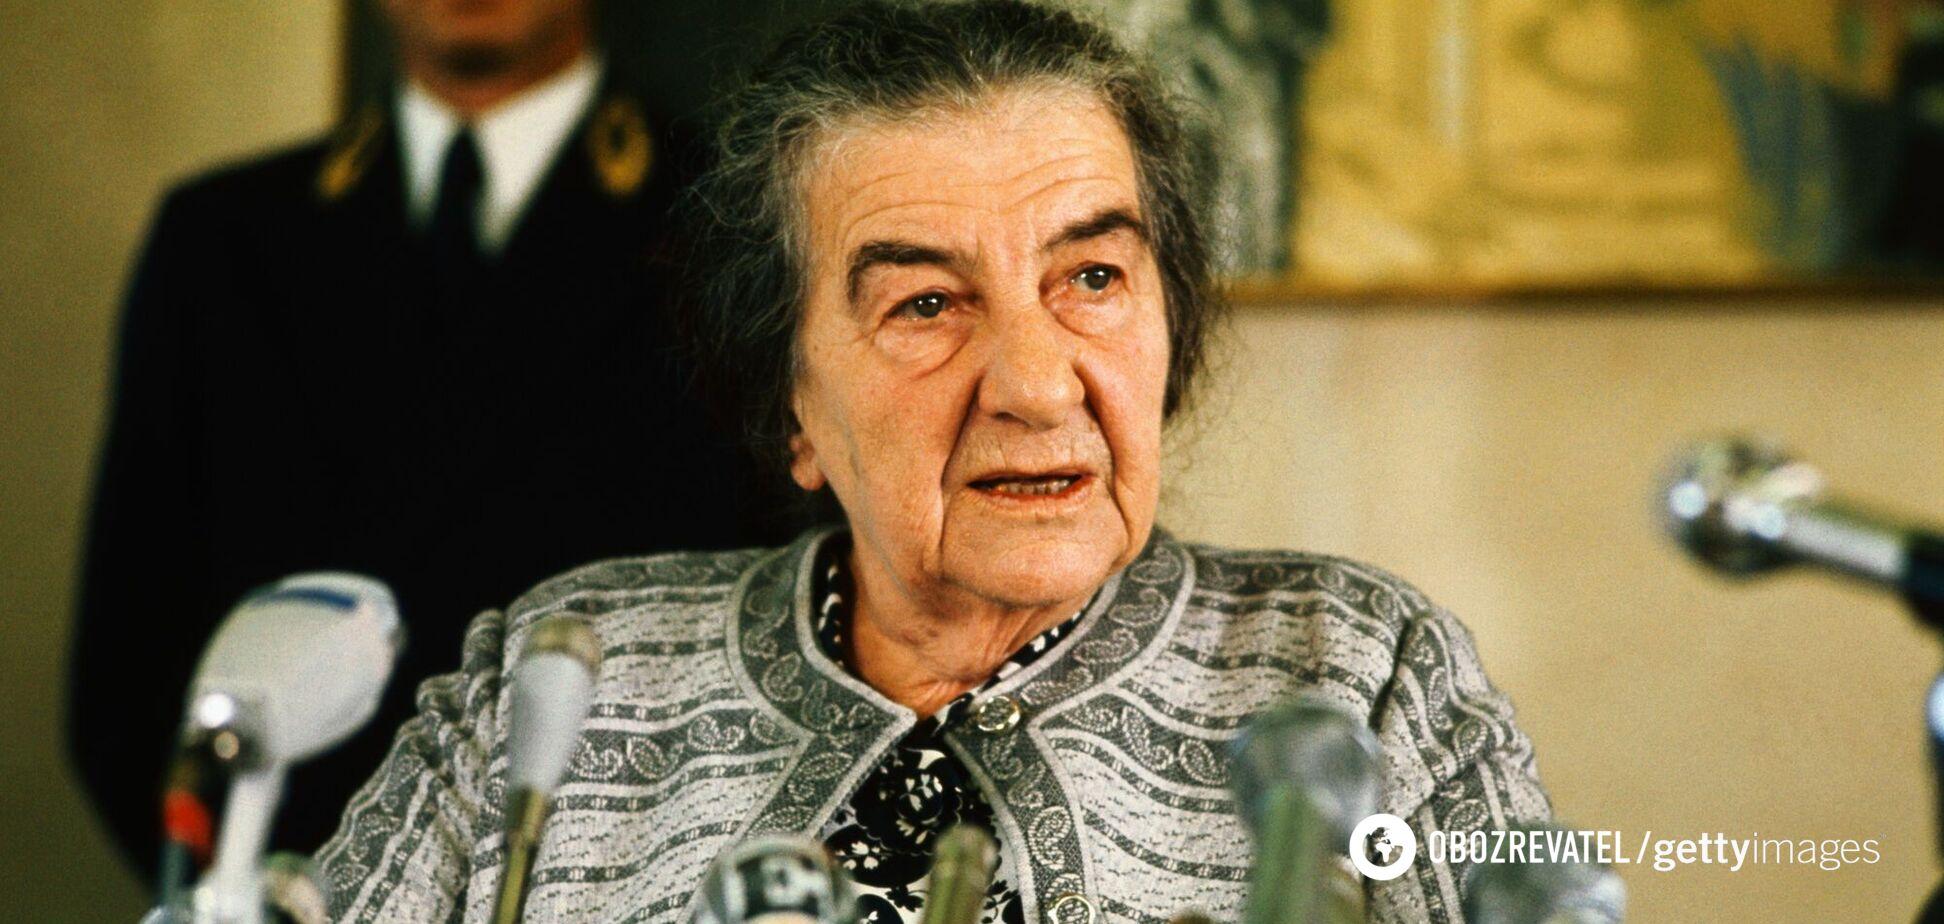 Голда Меїр під час пресконференції в Європейському парламенті в Страсбурзі, 1973 рік